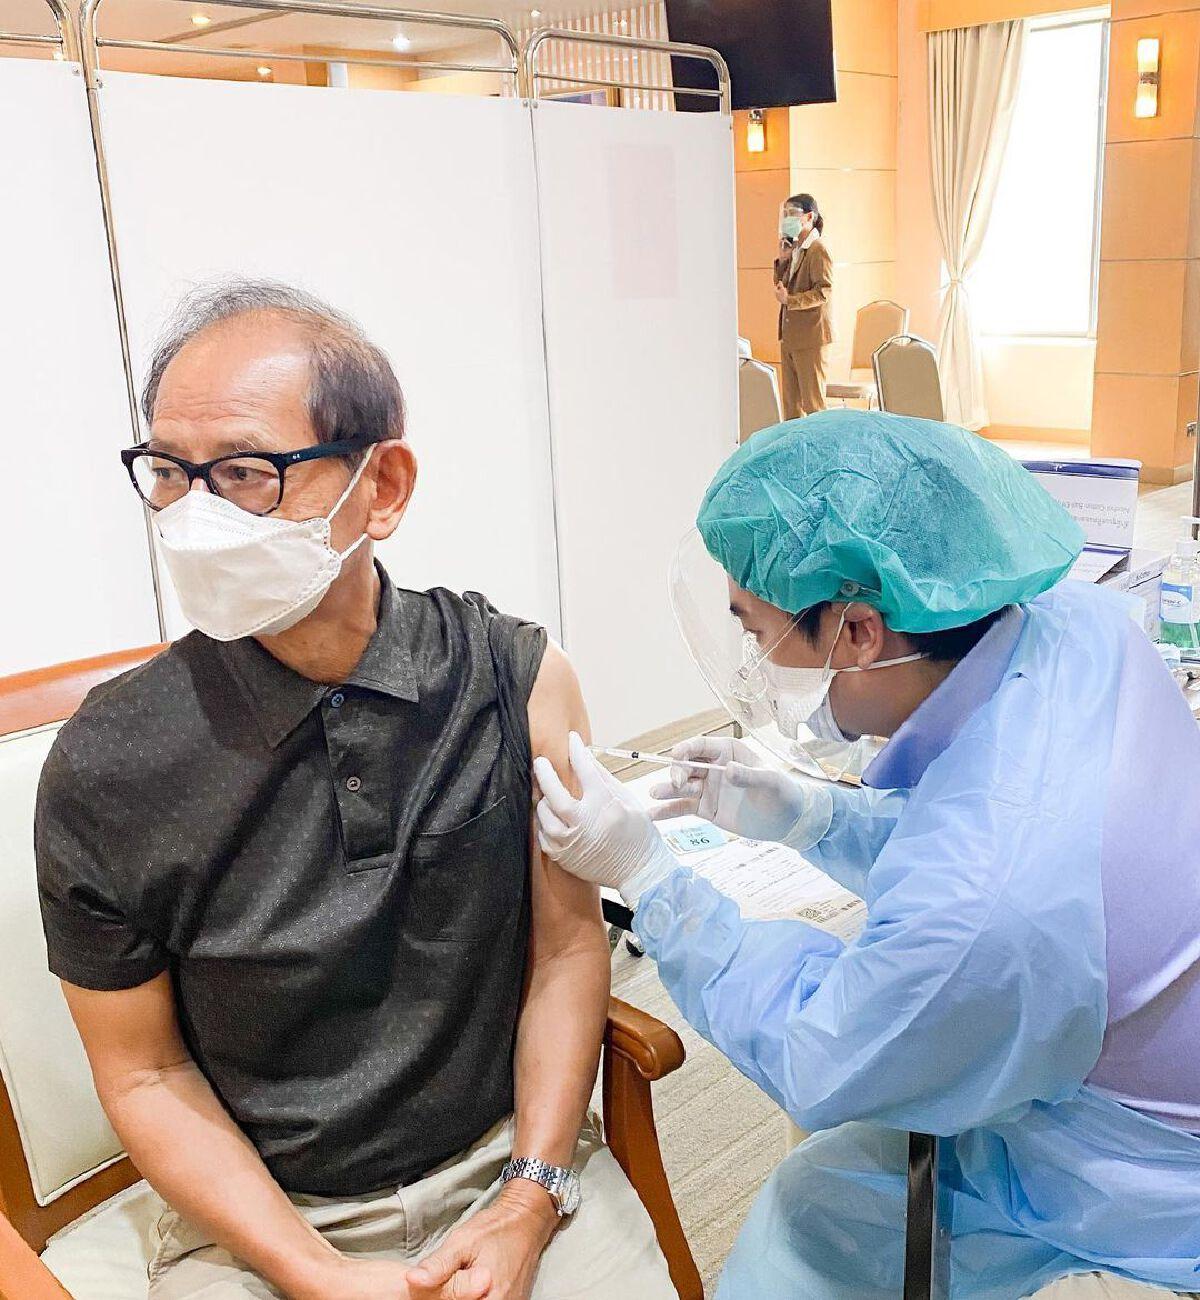 หมอโอ๊ค สมิทธิ์ สุดภูมิใจ ได้ฉีดวัคซีนป้องกันโควิด-19 ให้พ่อแม่ด้วยตัวเอง